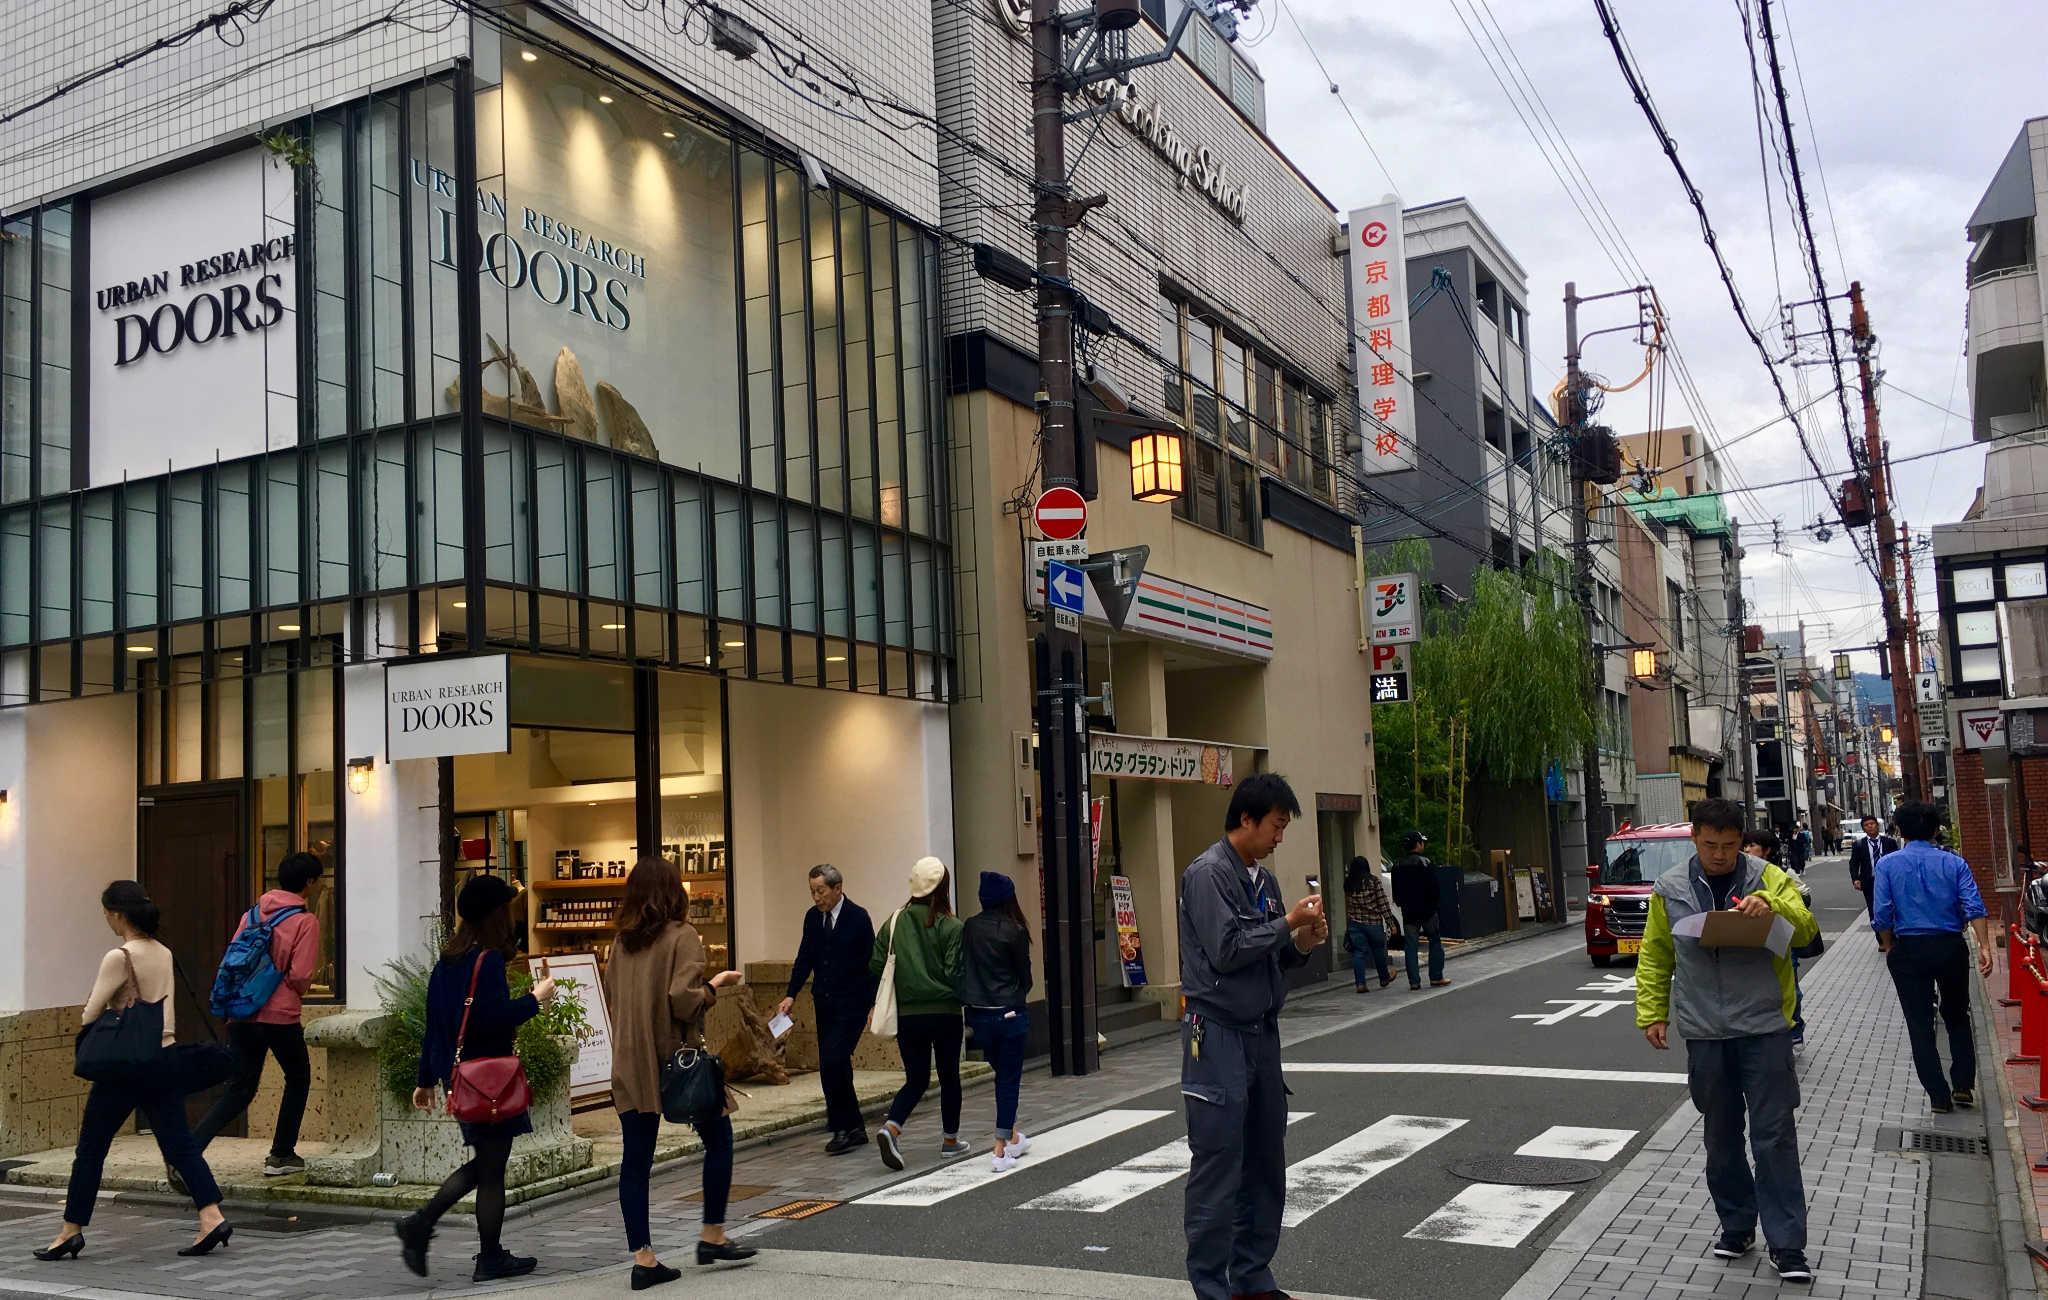 Kyoto est une ville très animée et vivante, avec de nombreux commerces